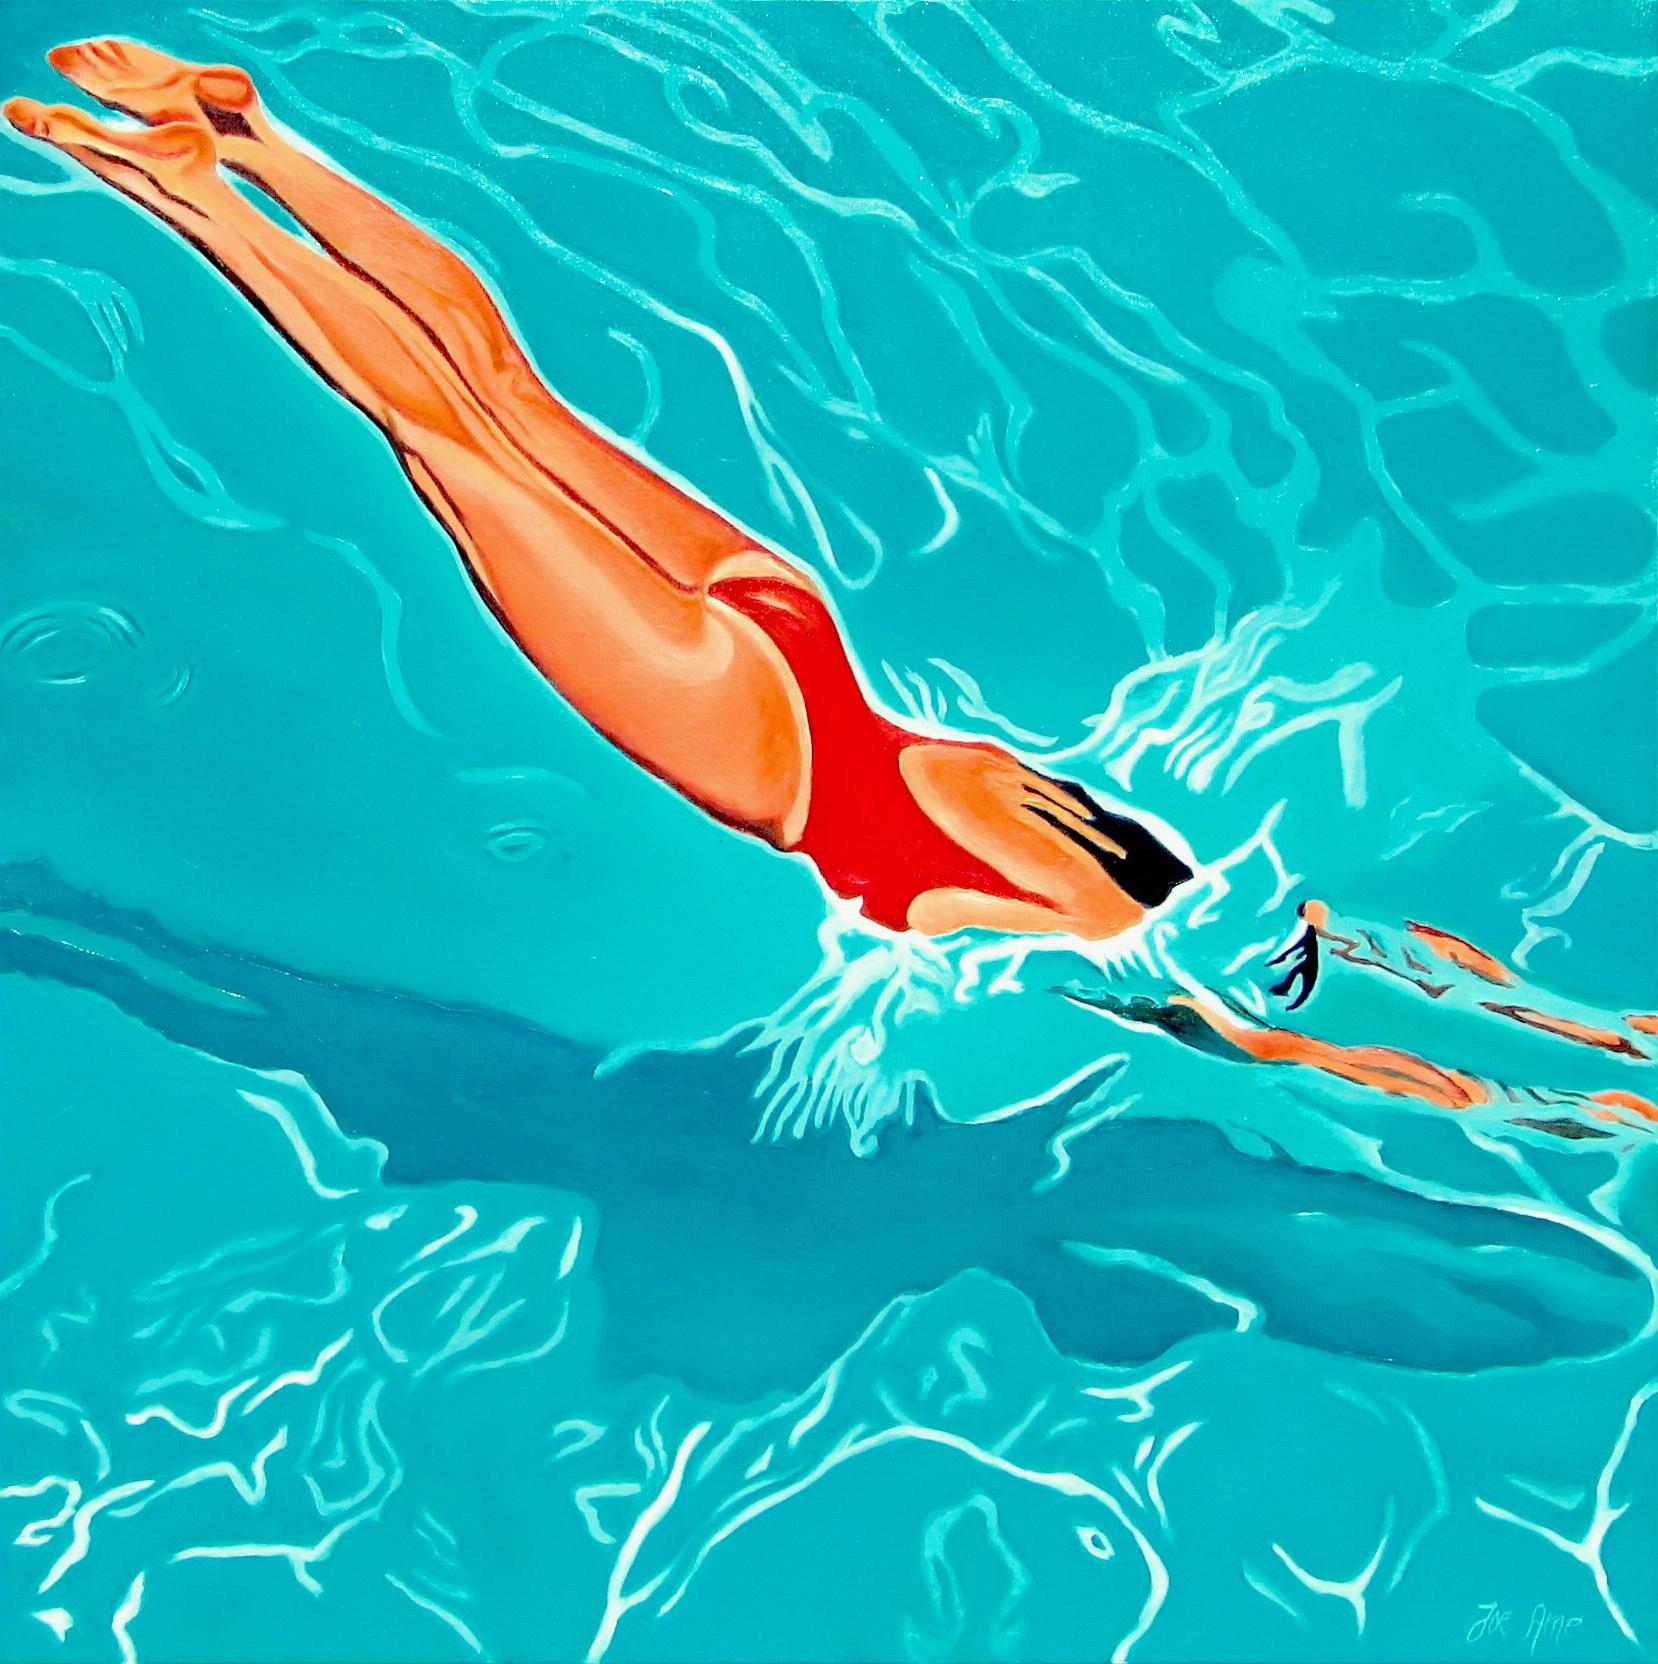 HST 100x100 Swimmin' pool... #170924